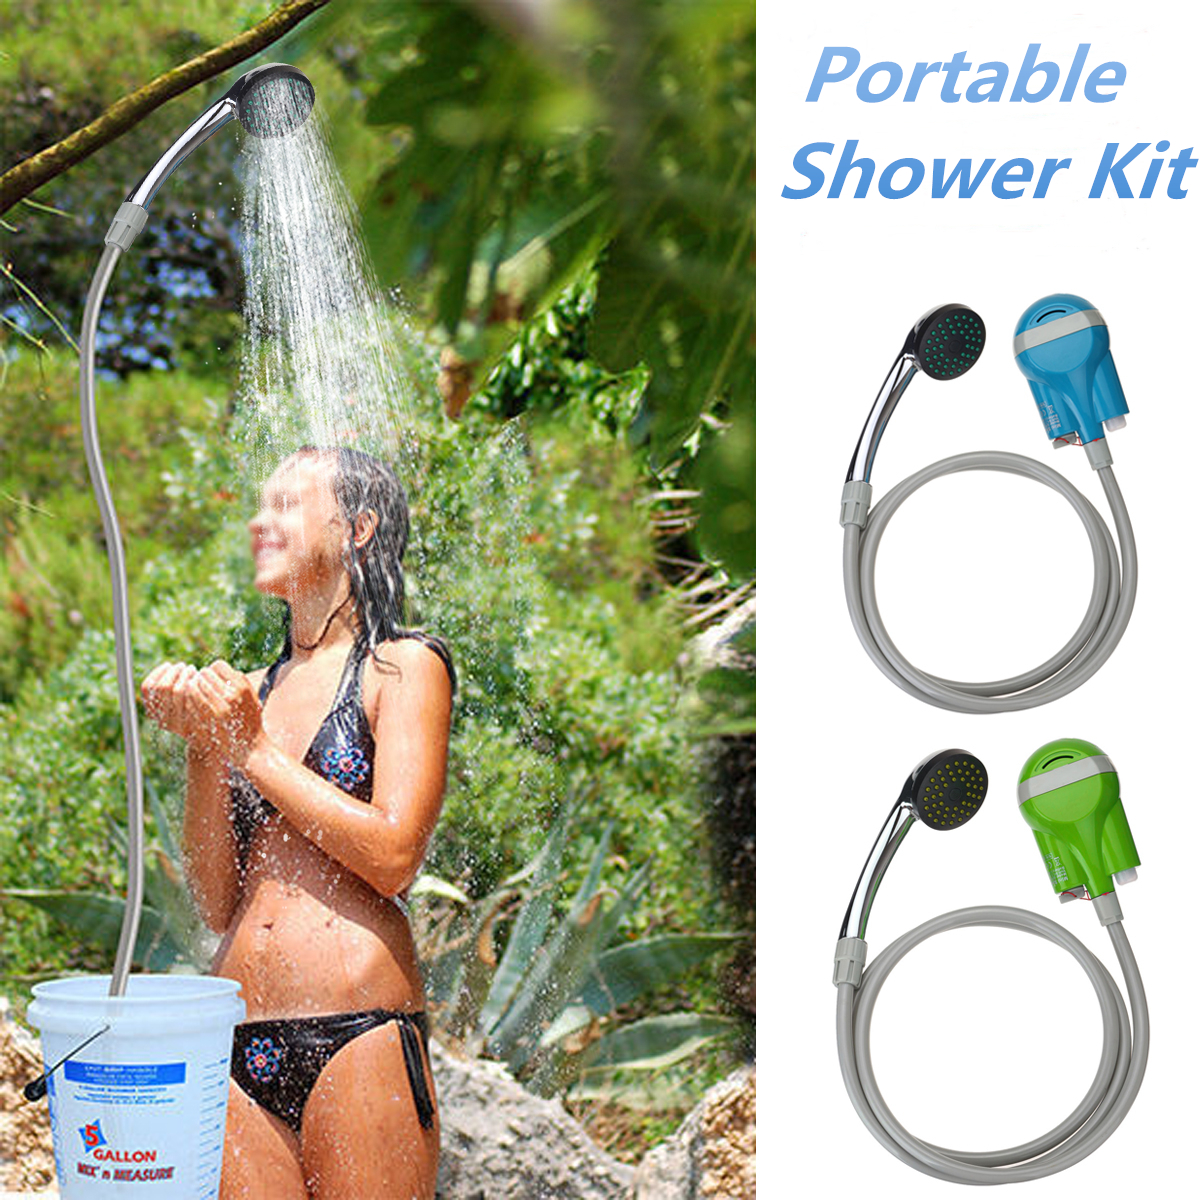 Électrique sans fil Portable voiture caravane Van laveuse nettoyeur pulvérisateur USB batterie Rechargeable douche extérieure pompe à eau Kit de lavage